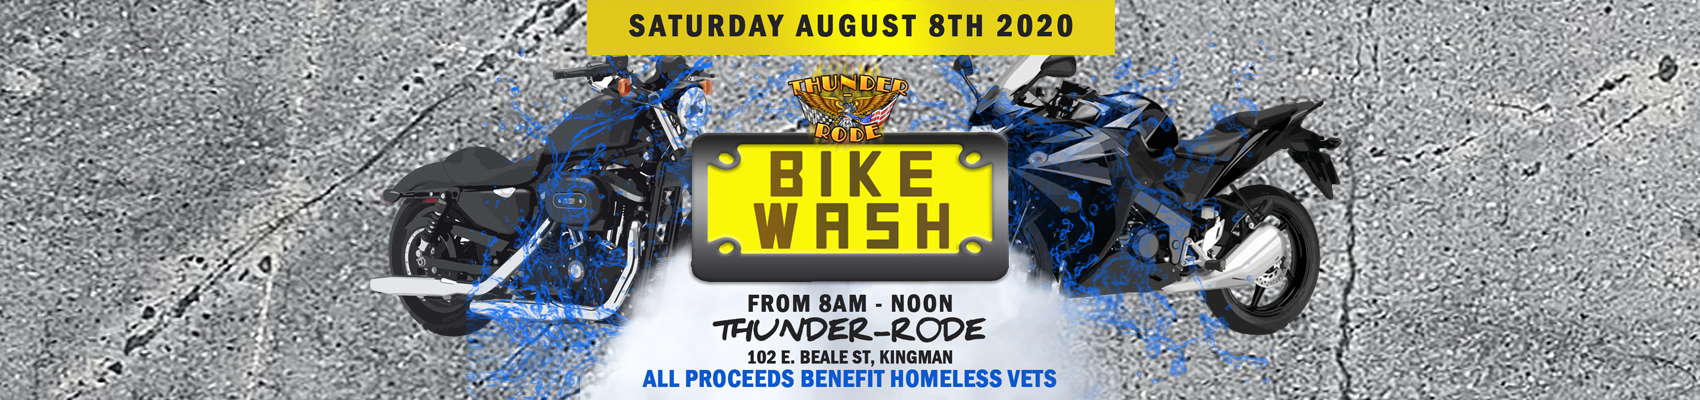 Bike Wash Benefiting Homeless Veterans